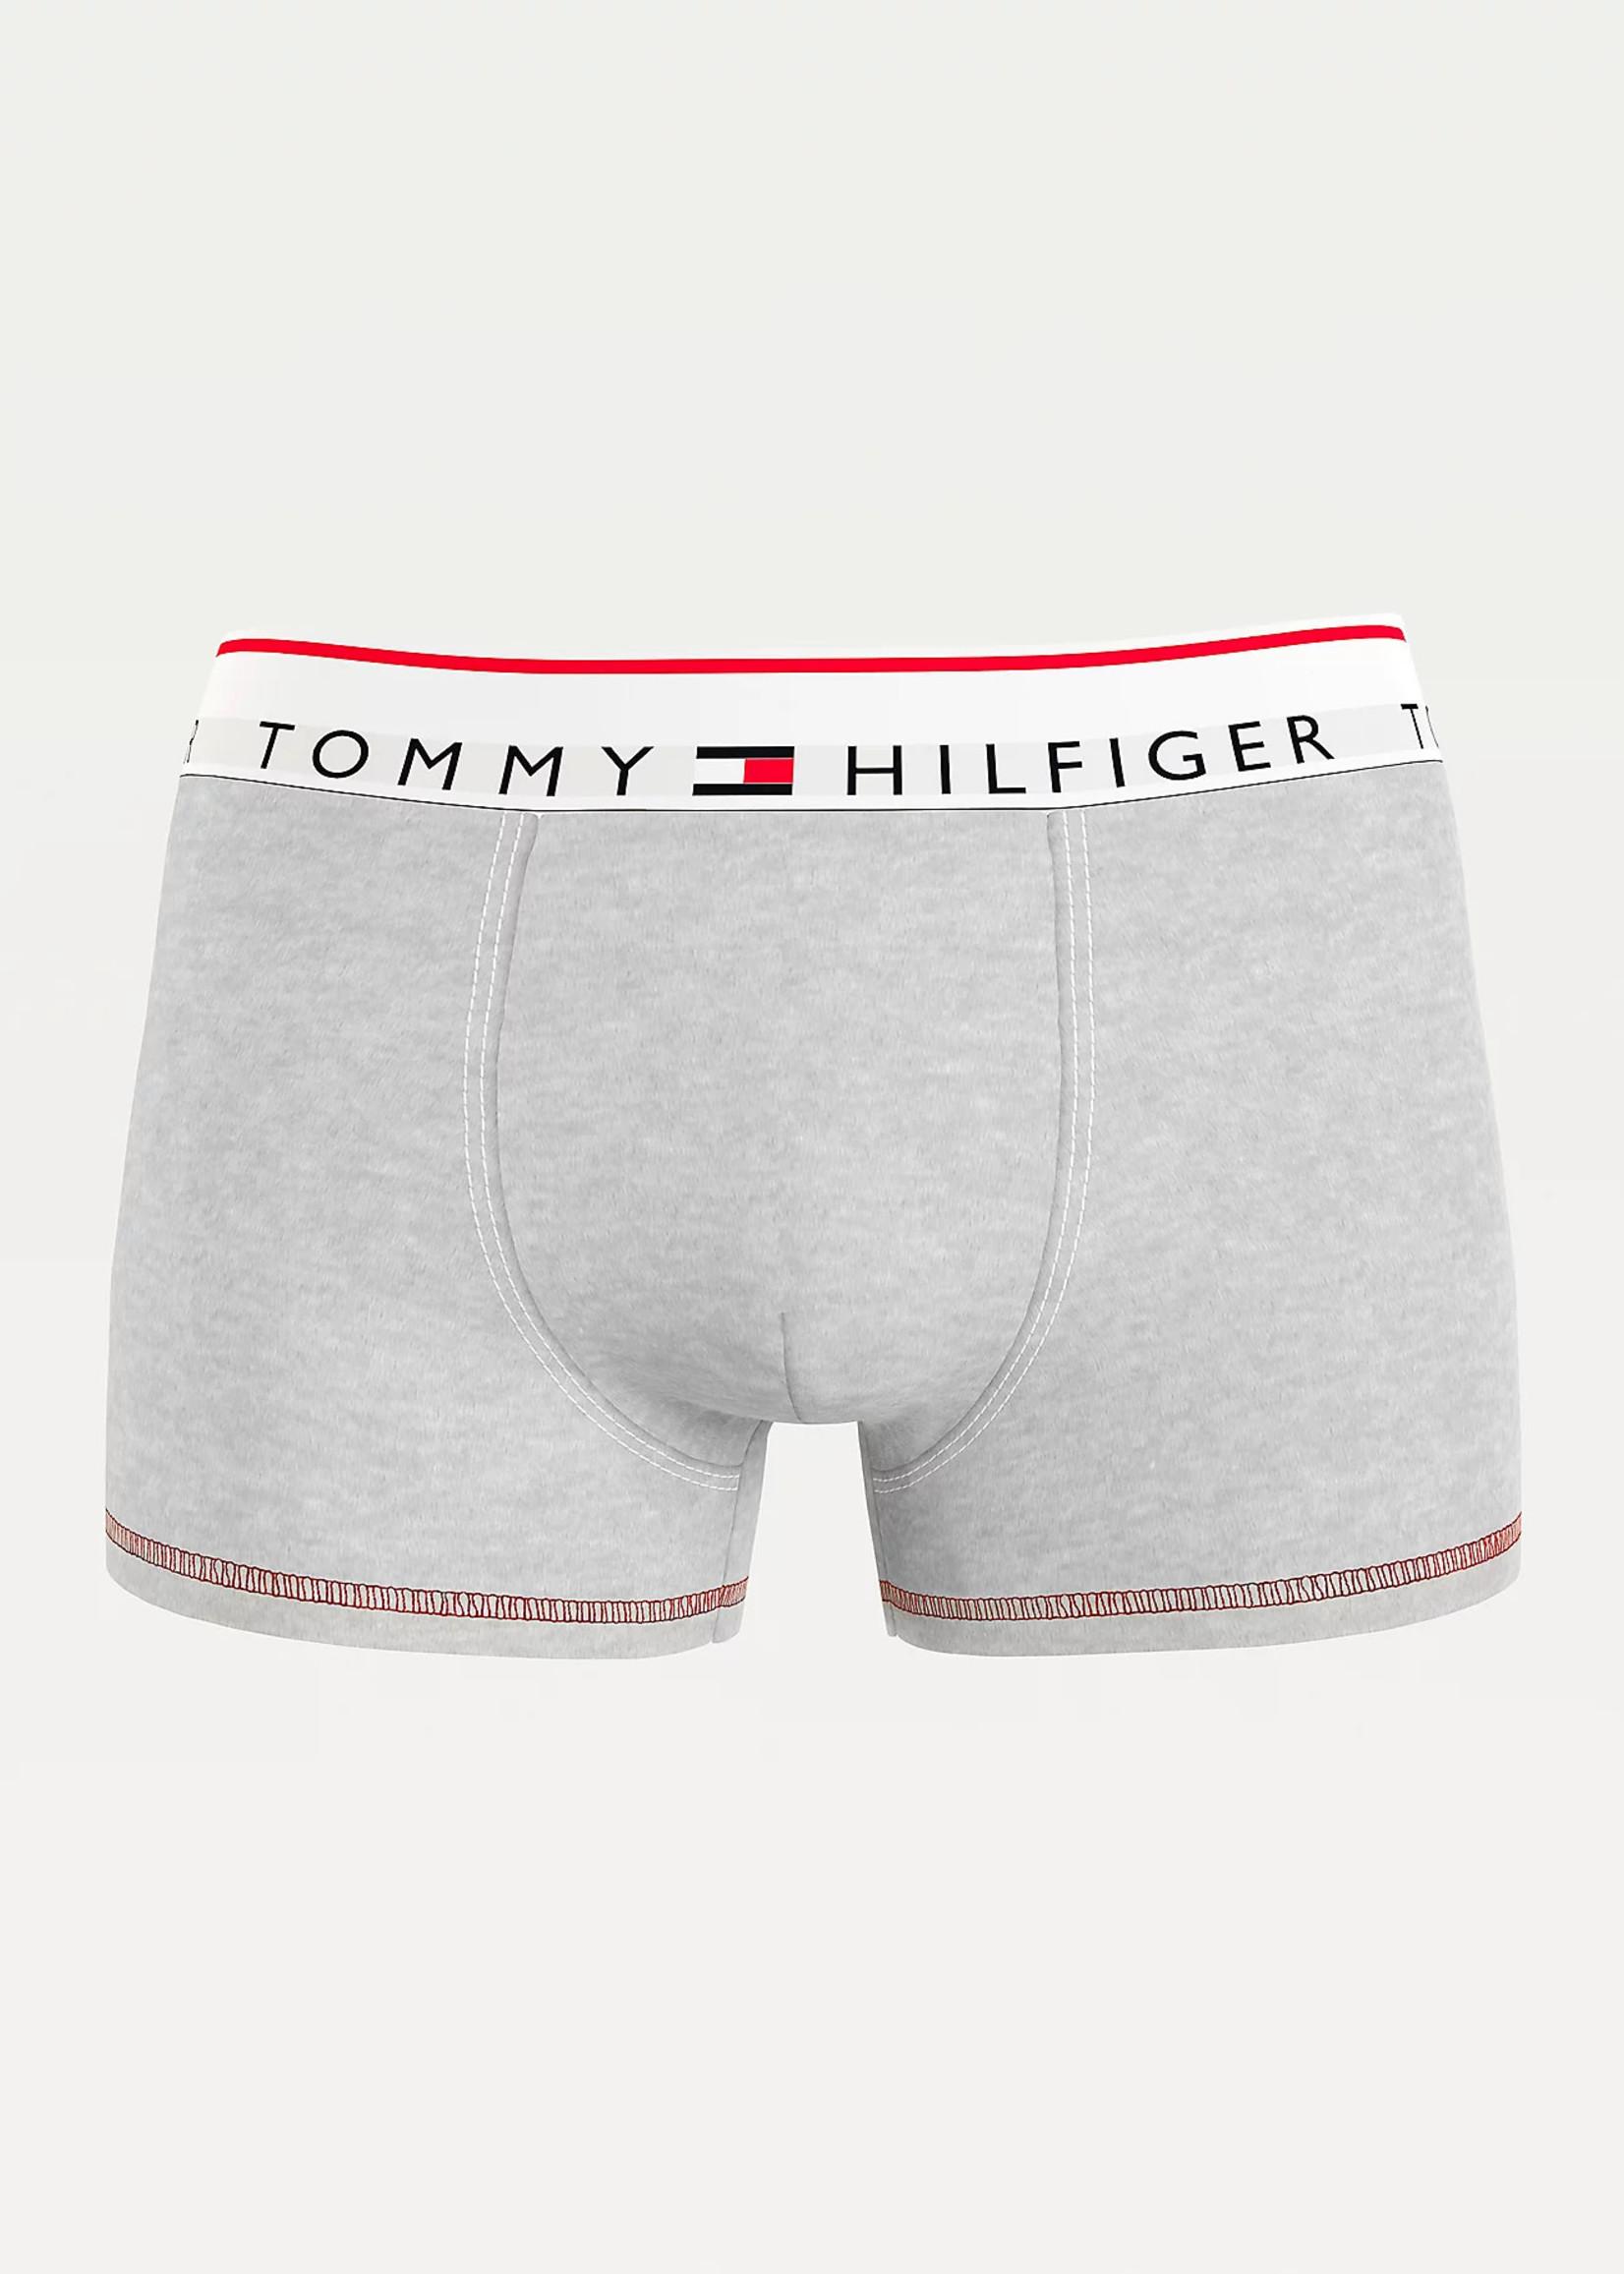 Tommy Hilfiger Boxershort met logotaille   Grijs   Tommy Hilfiger